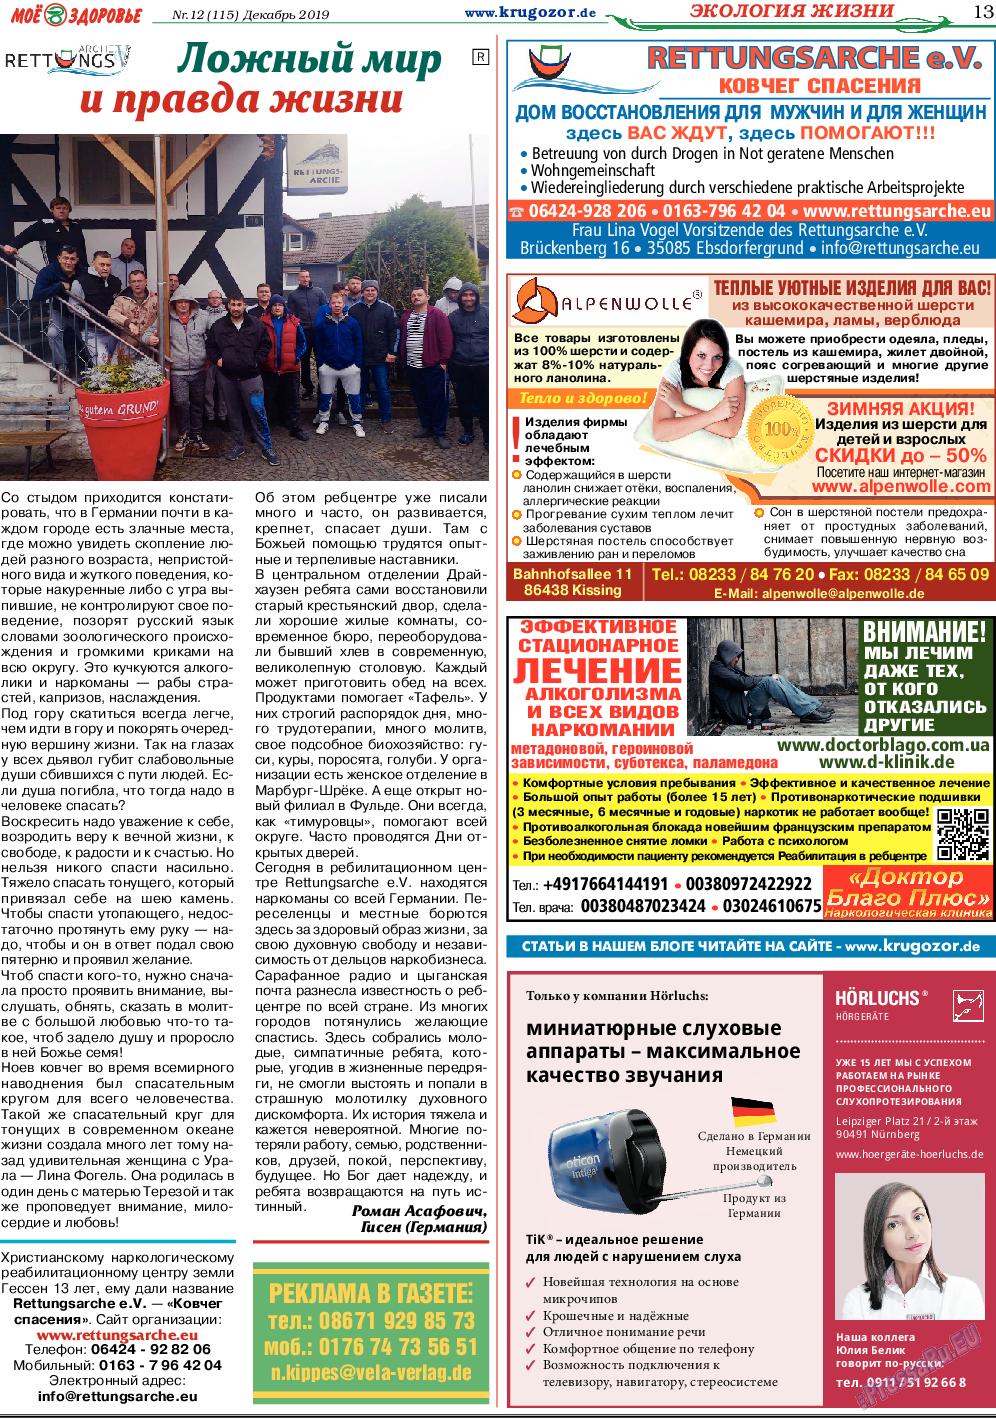 Кругозор (газета). 2019 год, номер 12, стр. 13